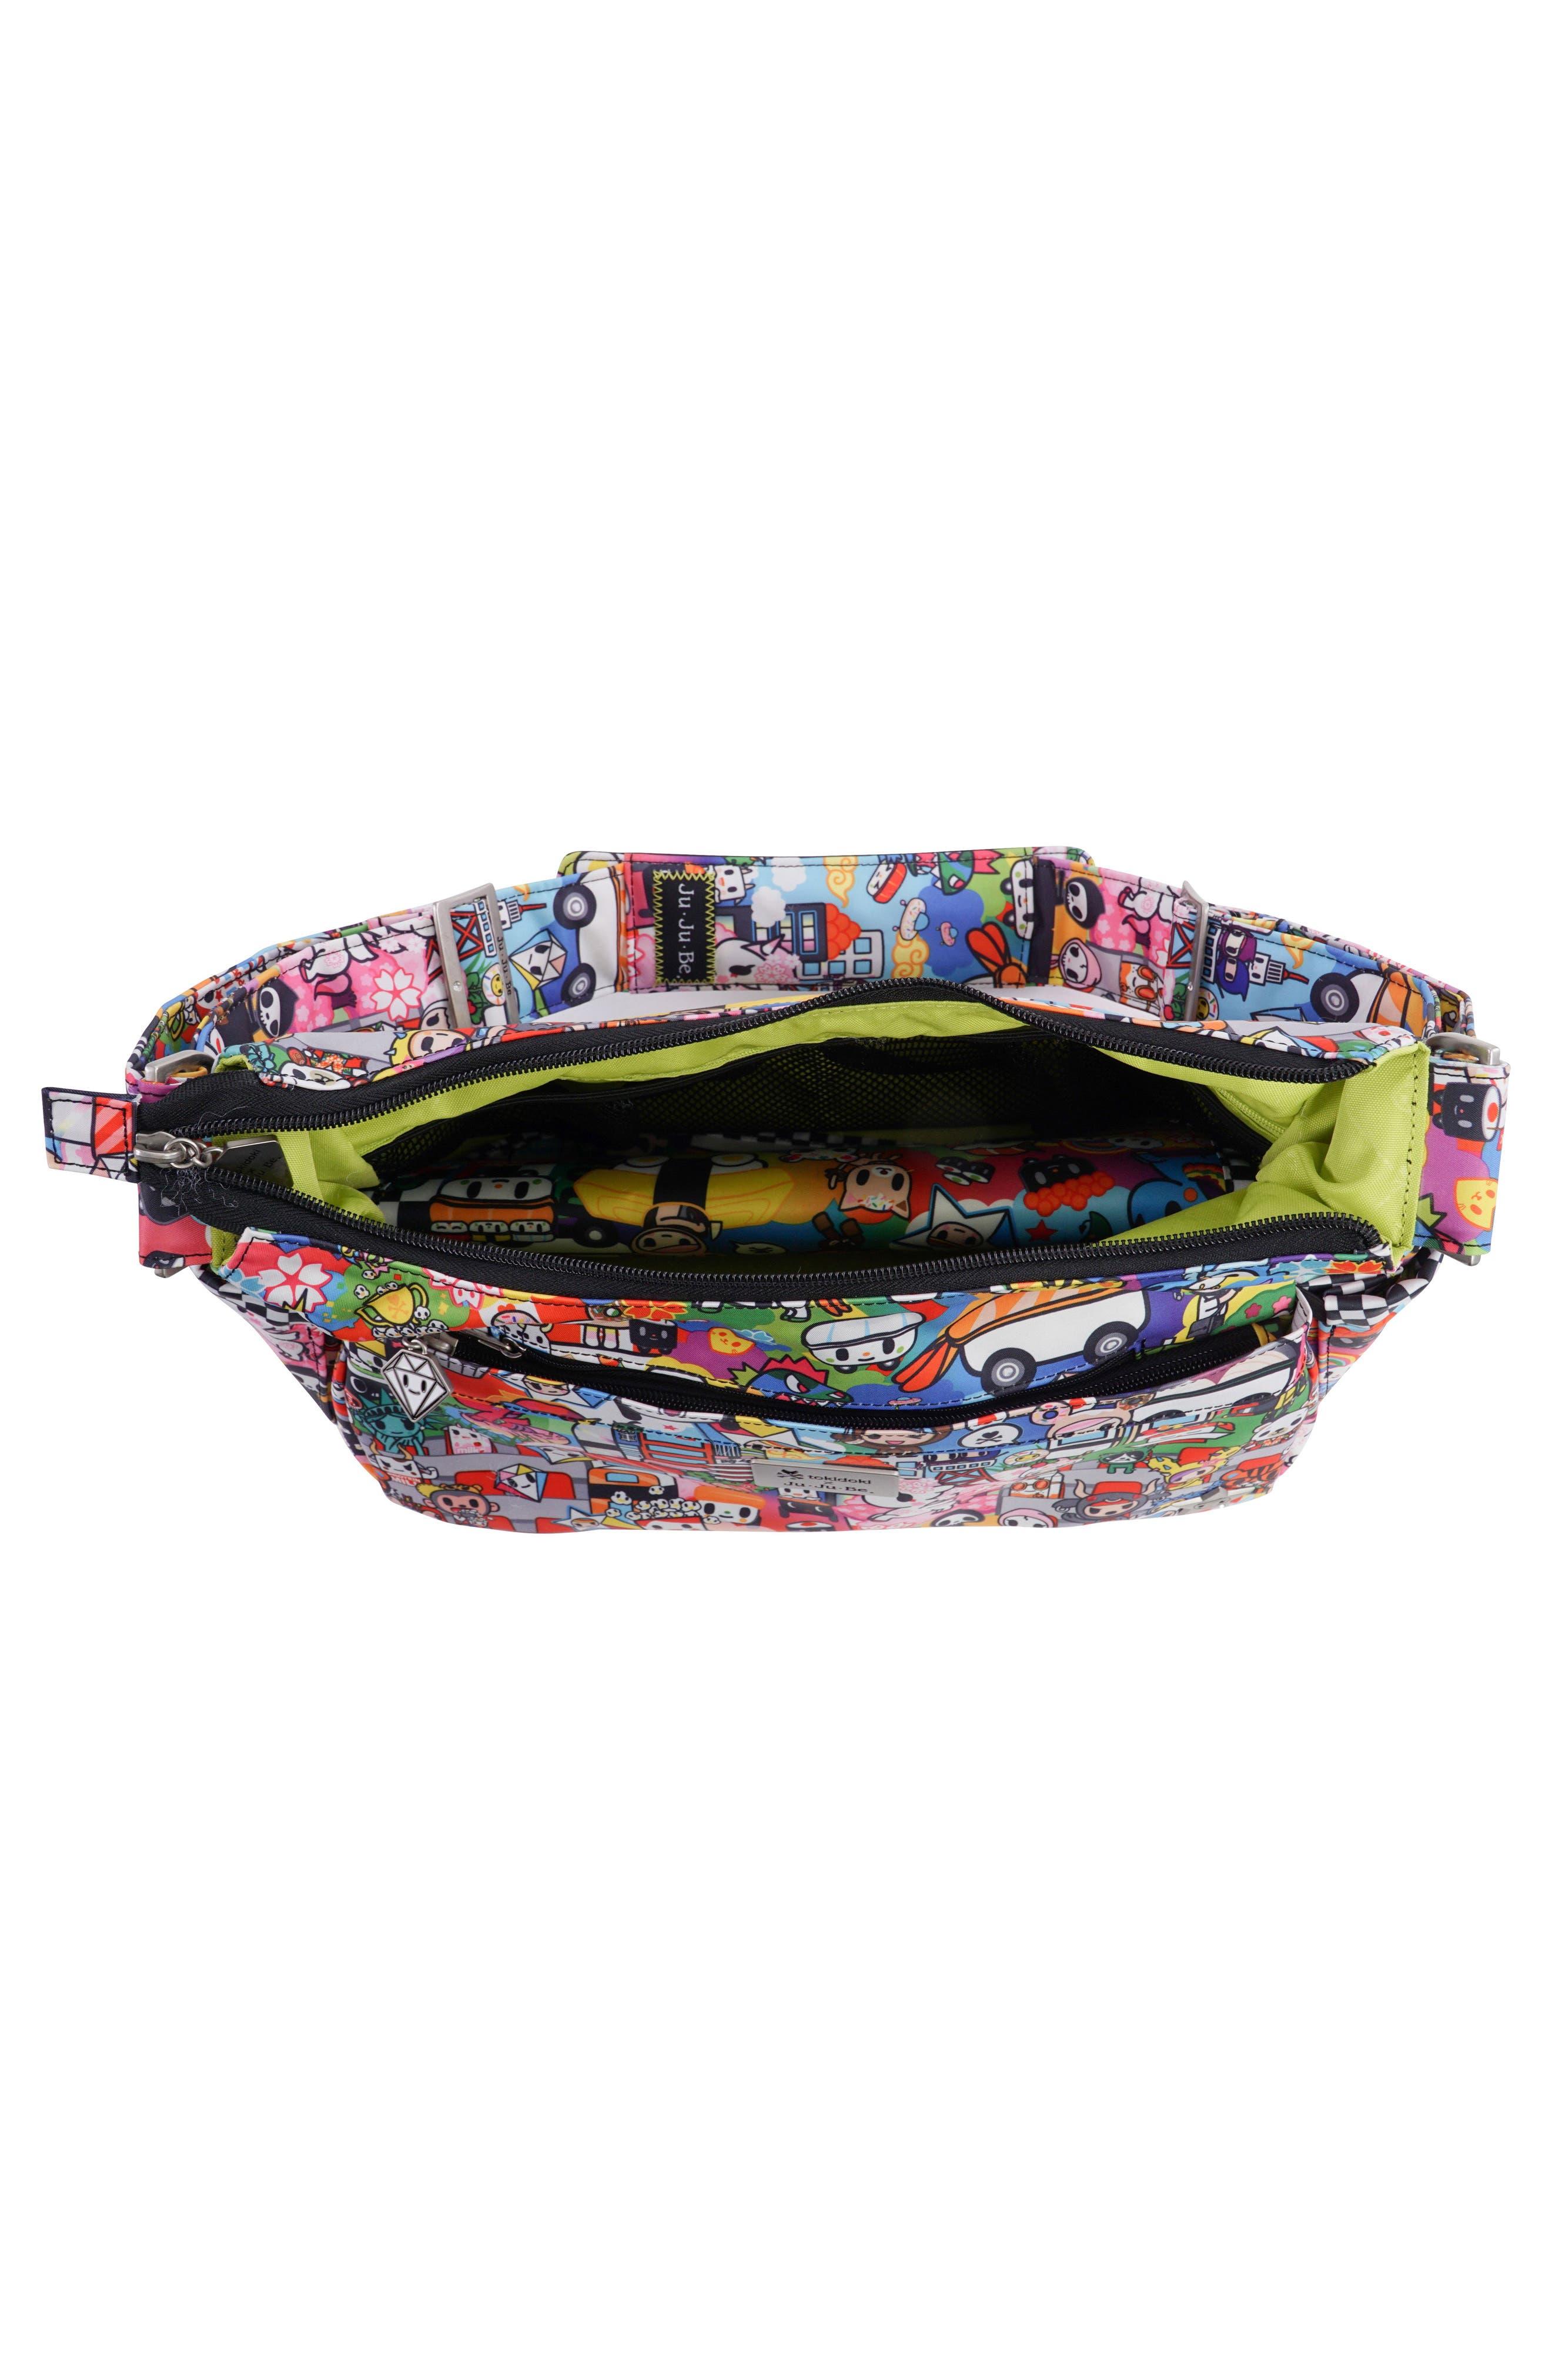 tokidoki x Ju-Ju-Be 'HoboBe' Diaper Bag,                             Alternate thumbnail 4, color,                             Sushi Cars